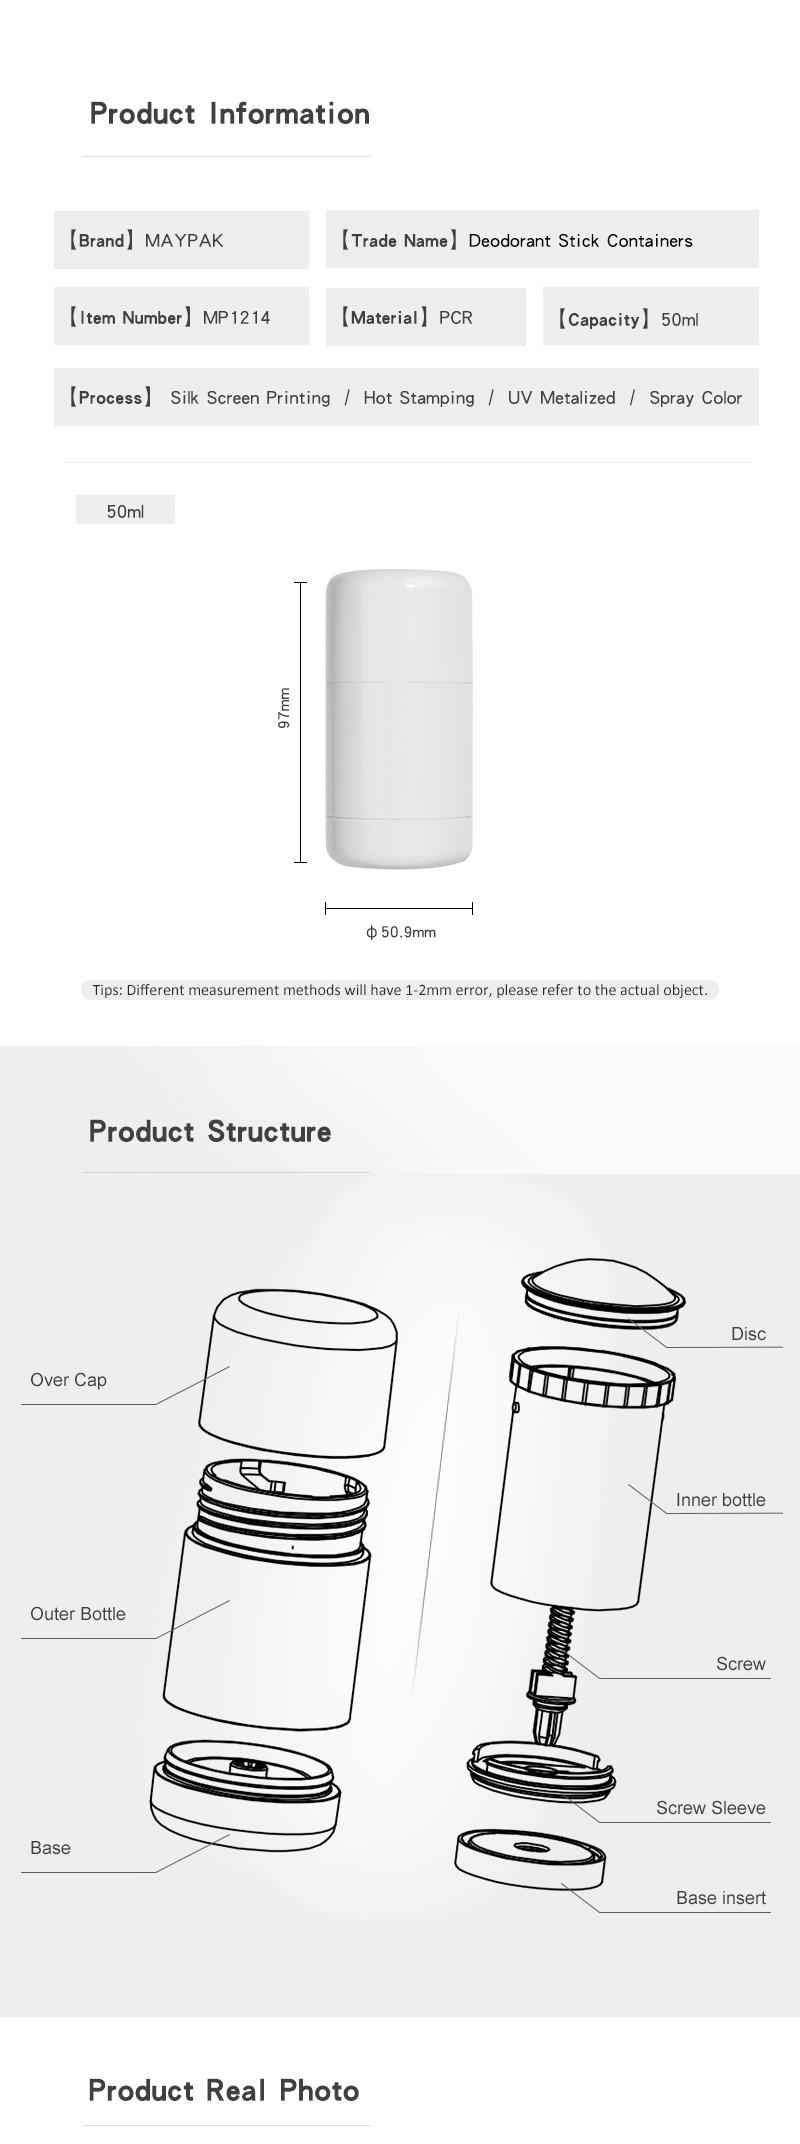 50g PCR deodorant stick container